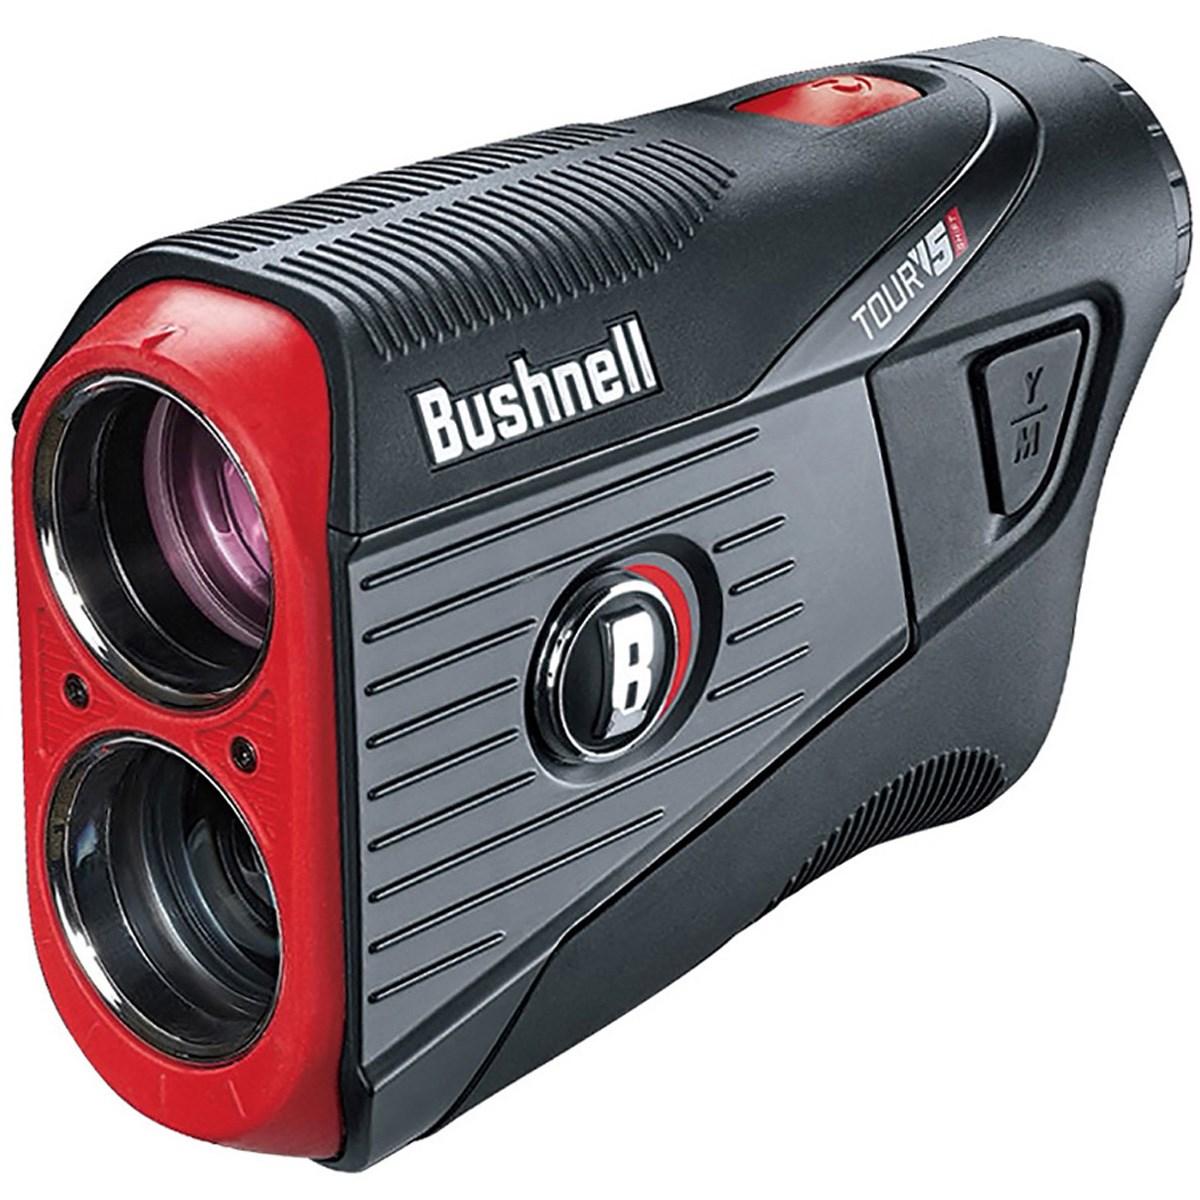 ブッシュネル Bushnell ピンシーカーツアーV5シフトスリムジョルト ブラック